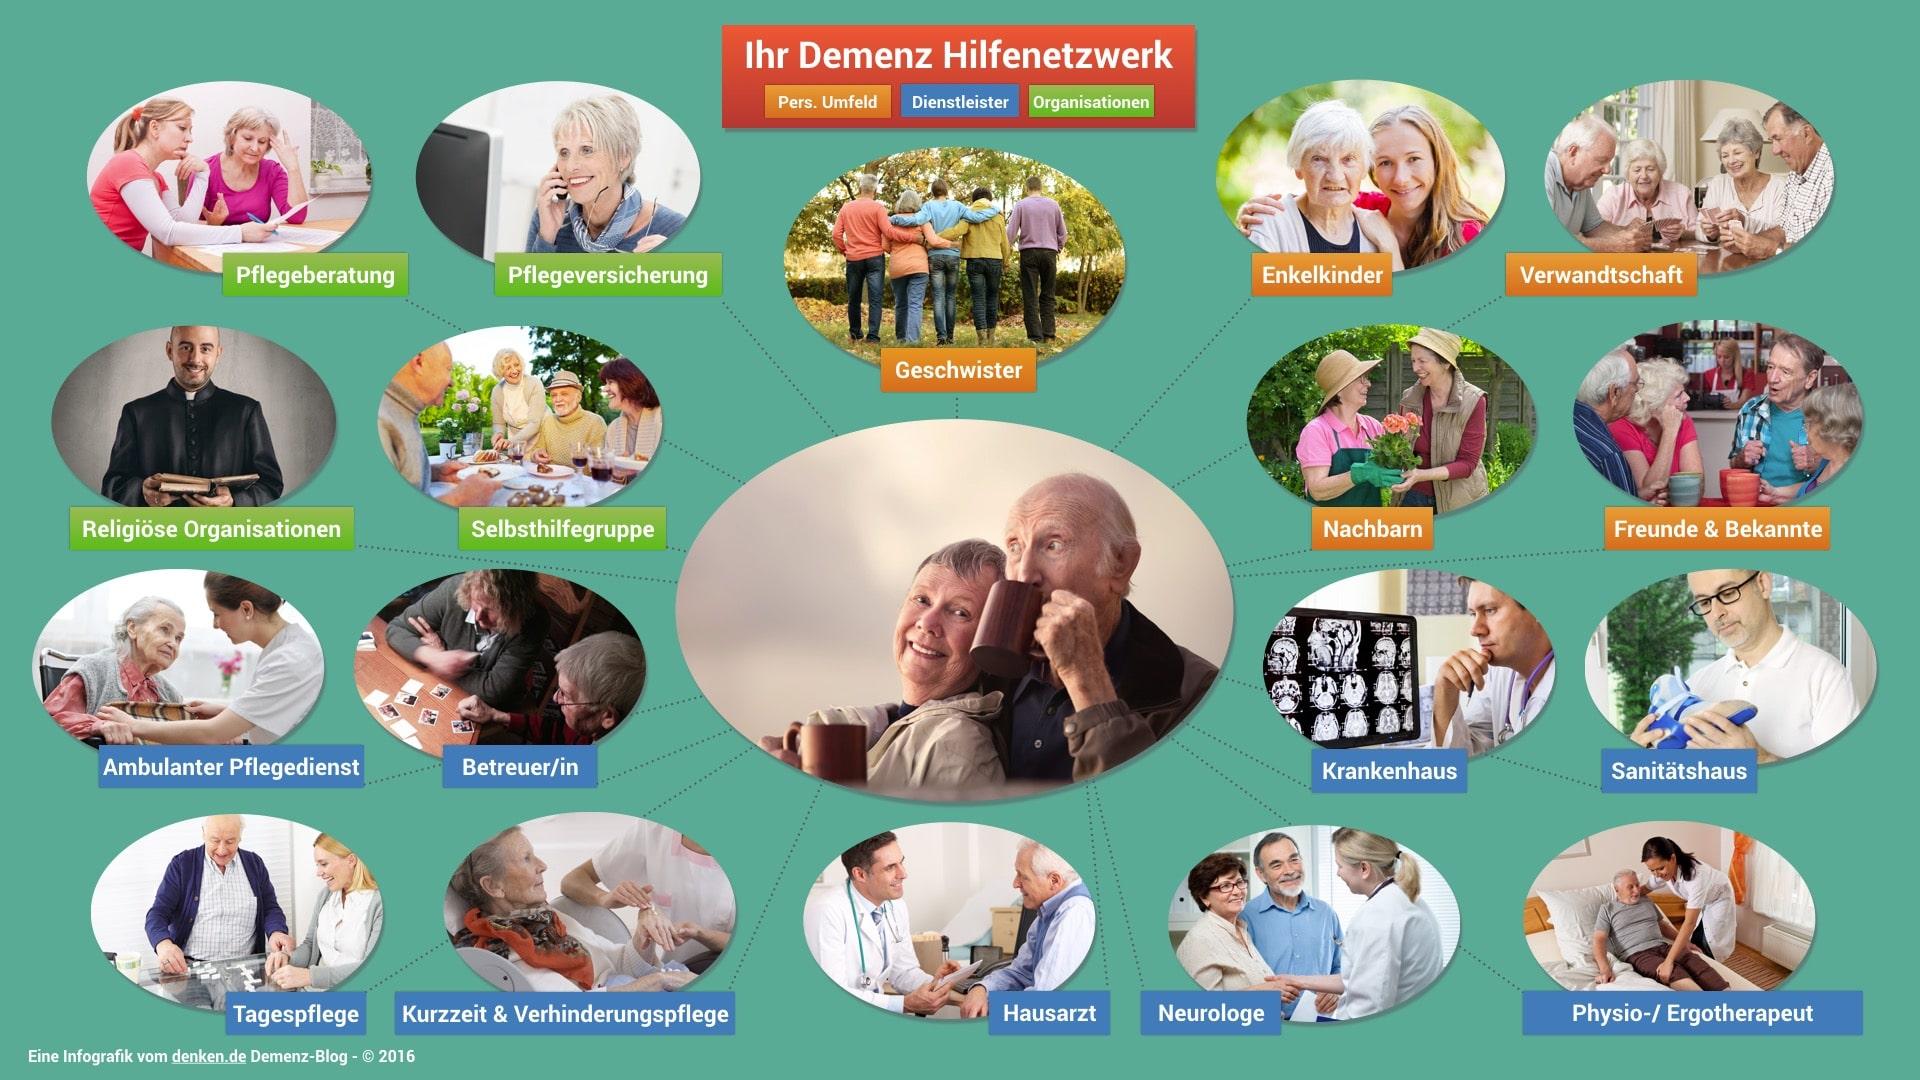 Zur Vergrößerung der Infografik Demenz Hilfenetzwerk bitte klicken